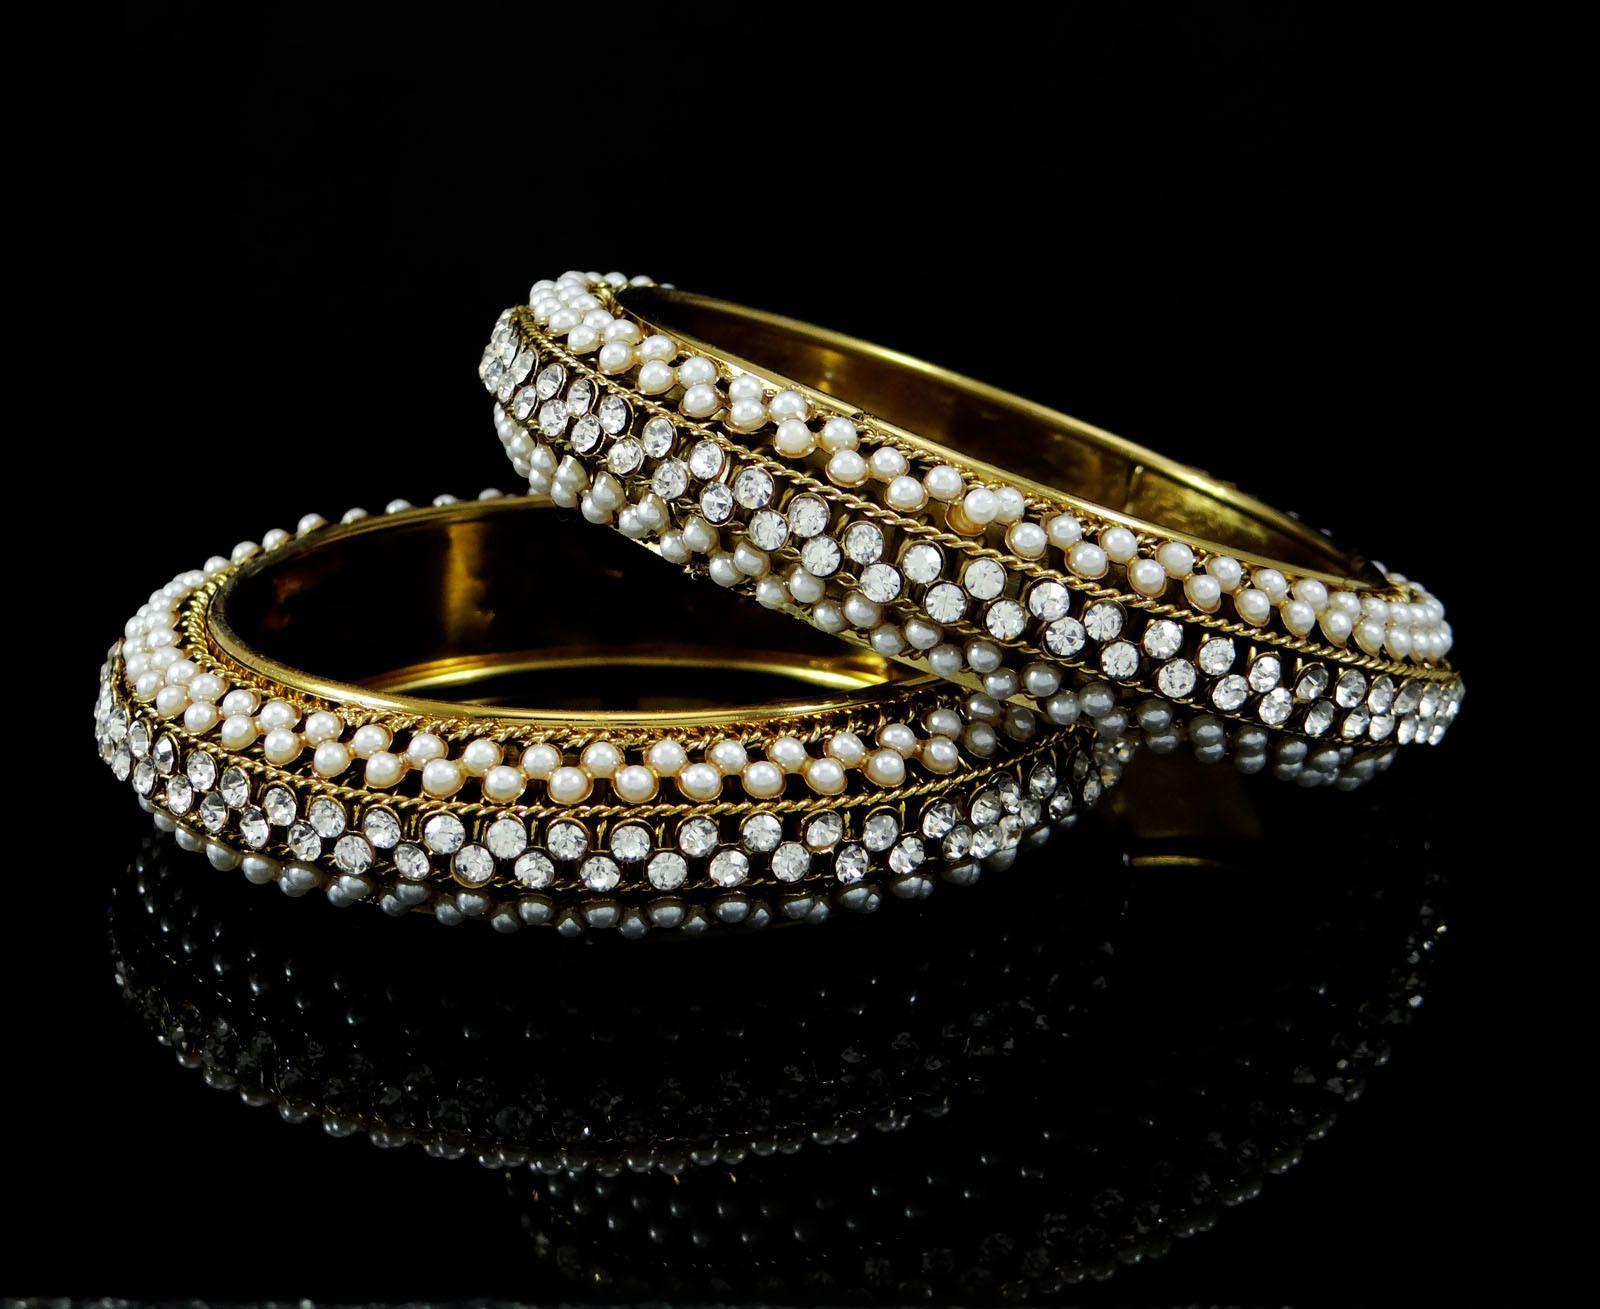 Goldtone indian ethnic cz pc kada bangle bracelets women bridal